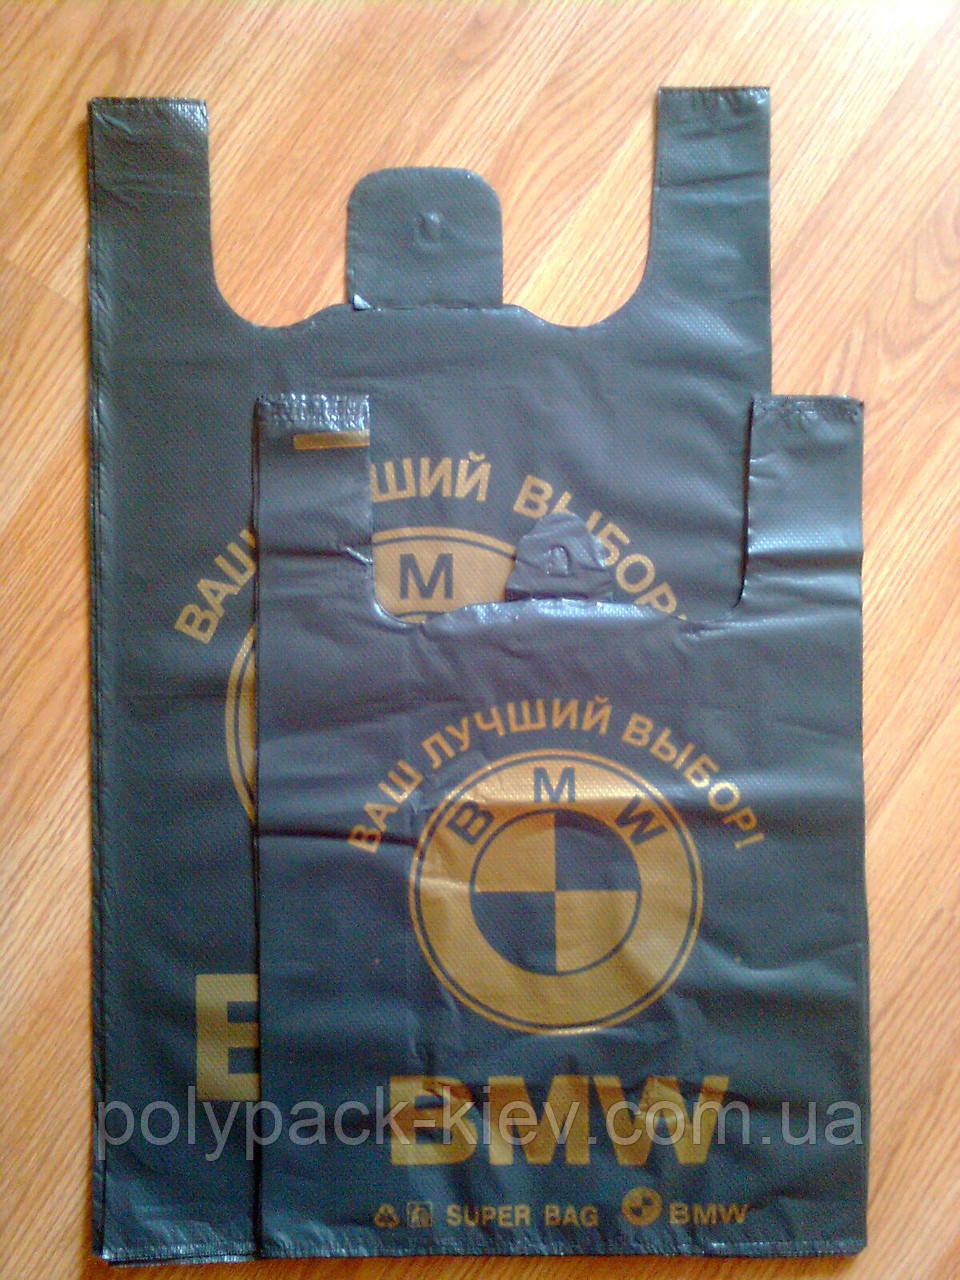 Пакеты-майка 38*57 см/30 мкм, полиэтиленовый пакет BMW купить кульки от производителя со склада оптом Киев